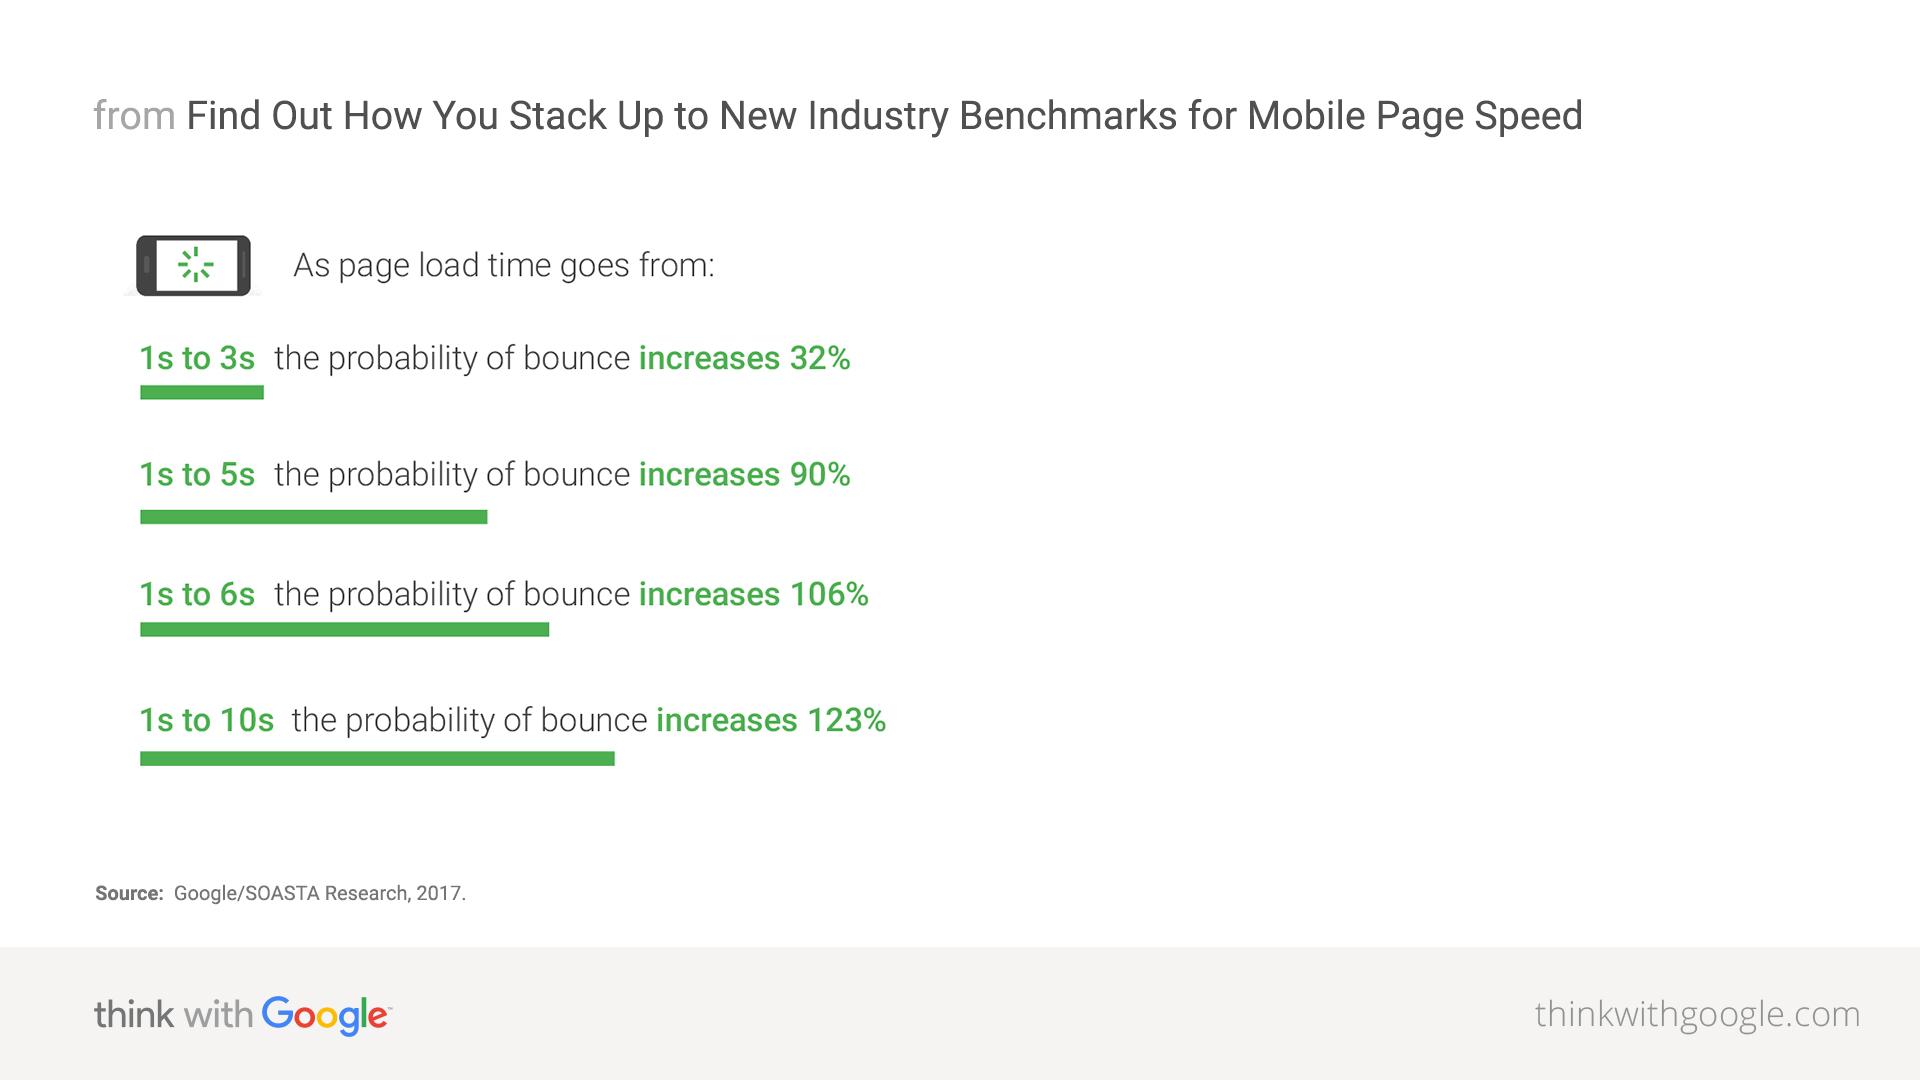 Zeigt eine Grafik aus Aus Googles Industrie-Benchmarks für mobile Seitengeschwindigkeit von 2018 an. Die Grafik zeigt die Wahrscheinlichkeit eines Absprungs eines Users an, wenn eine Seite 1-10 Sekunden zum vollständigen Laden braucht.